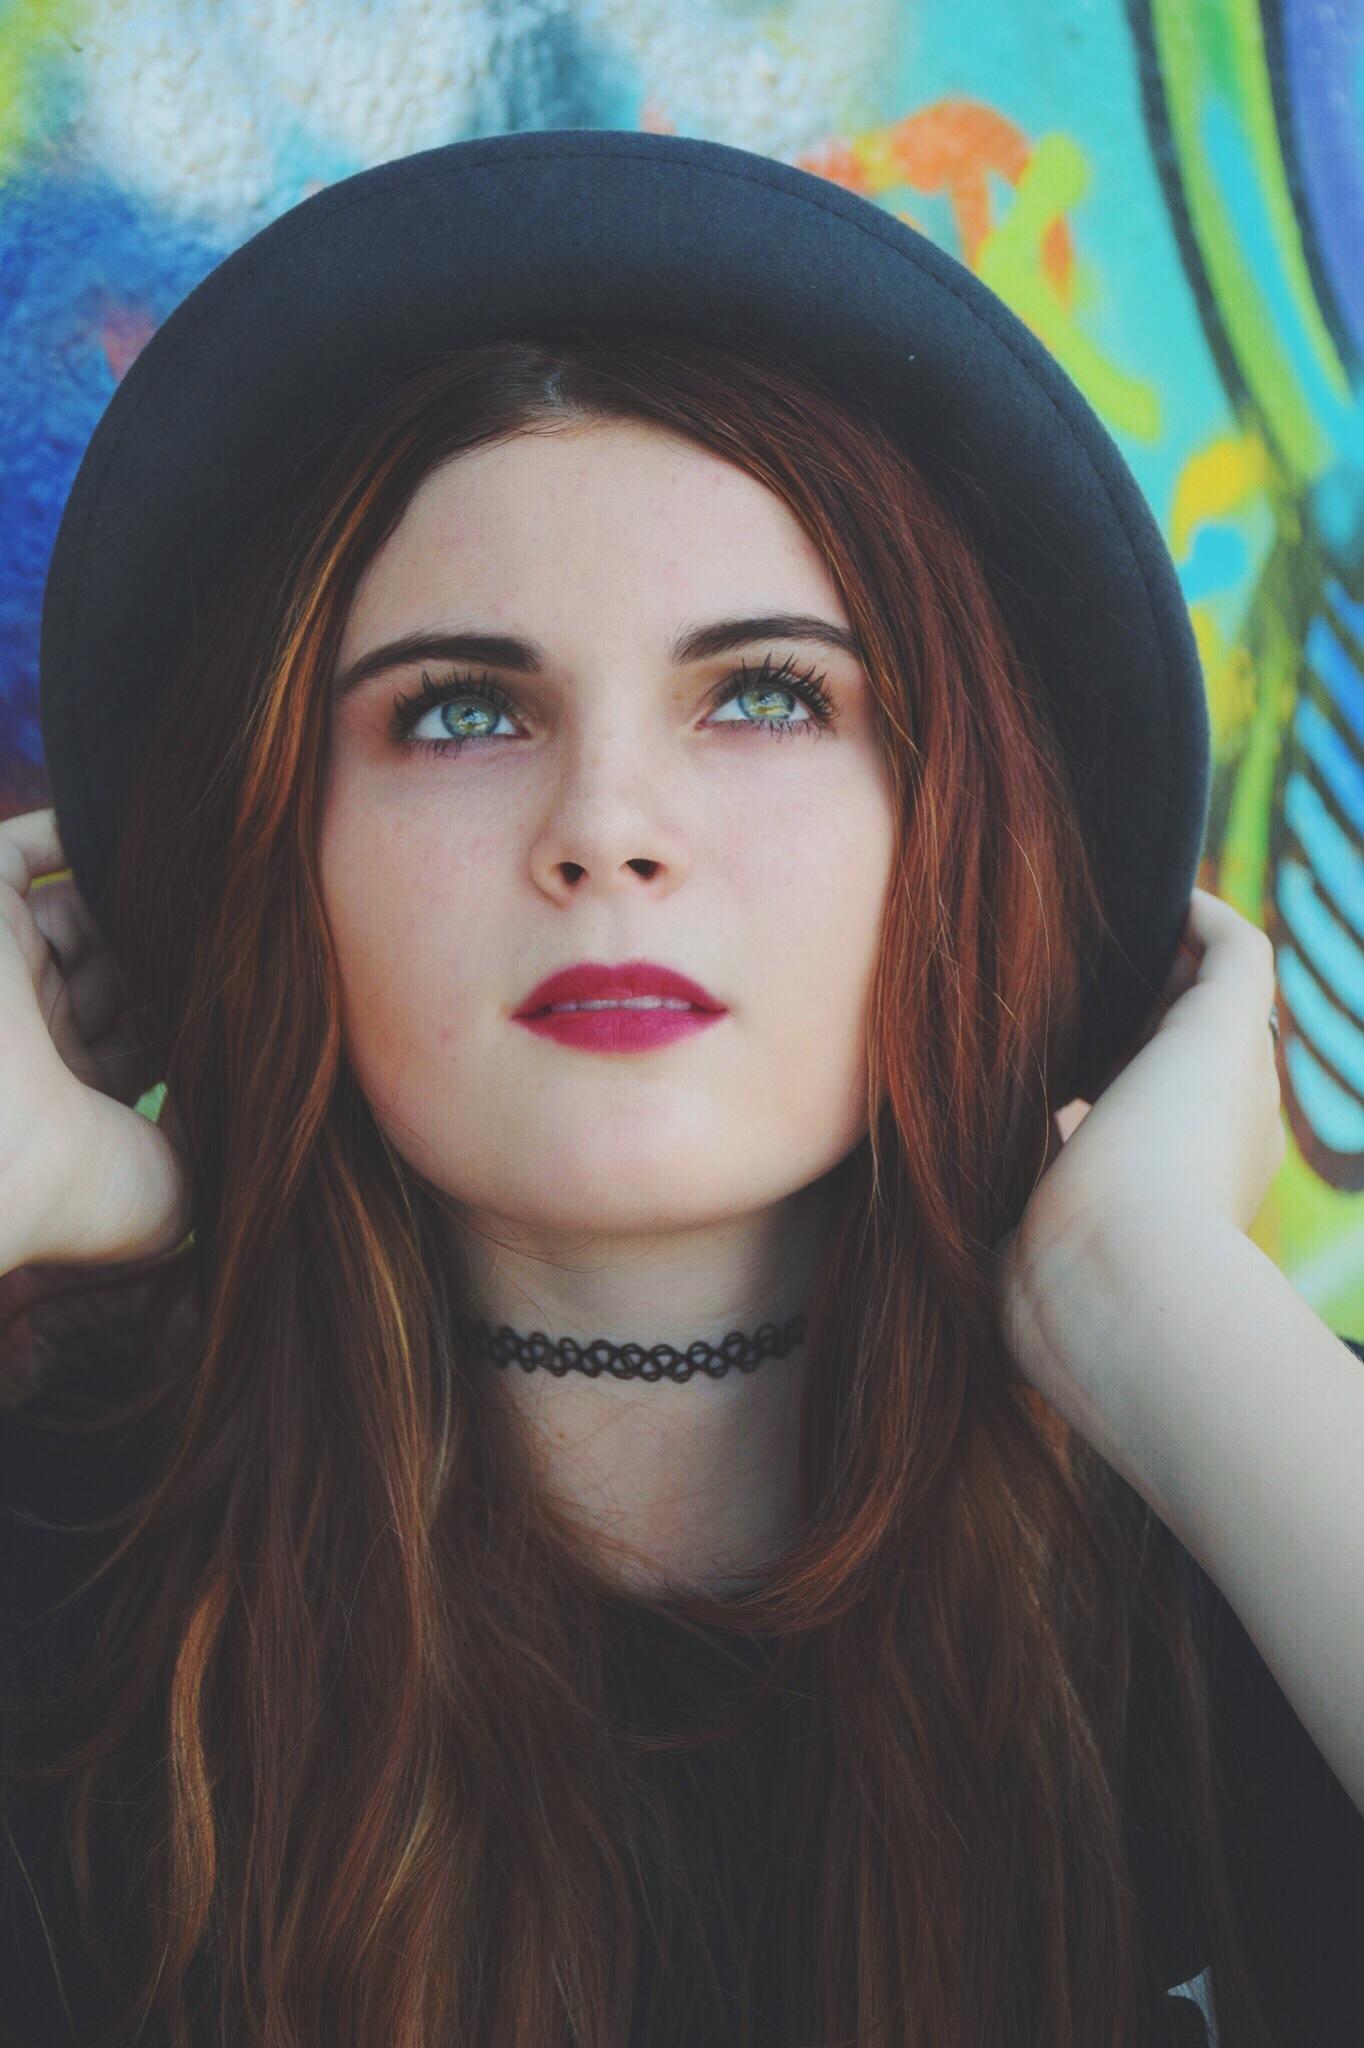 Resultado de imagen de chicas con sombreros hipster